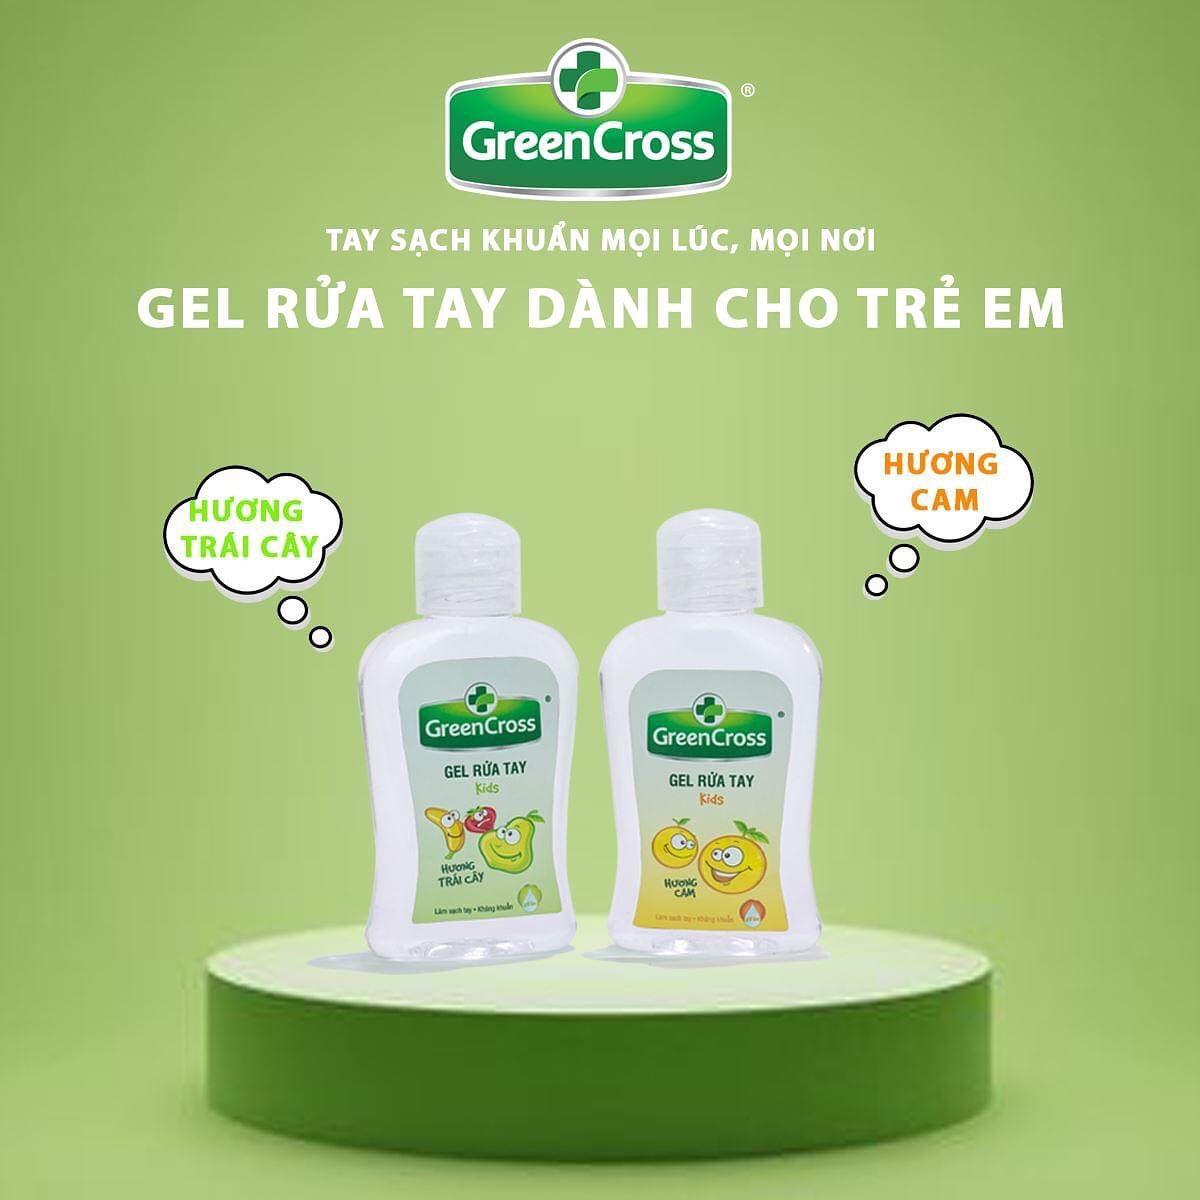 Gel Rửa Tay Khô Green Cross hiện đã có mặt tại Hasaki với các mùi hương đa dạng cho bạn lựa chọn